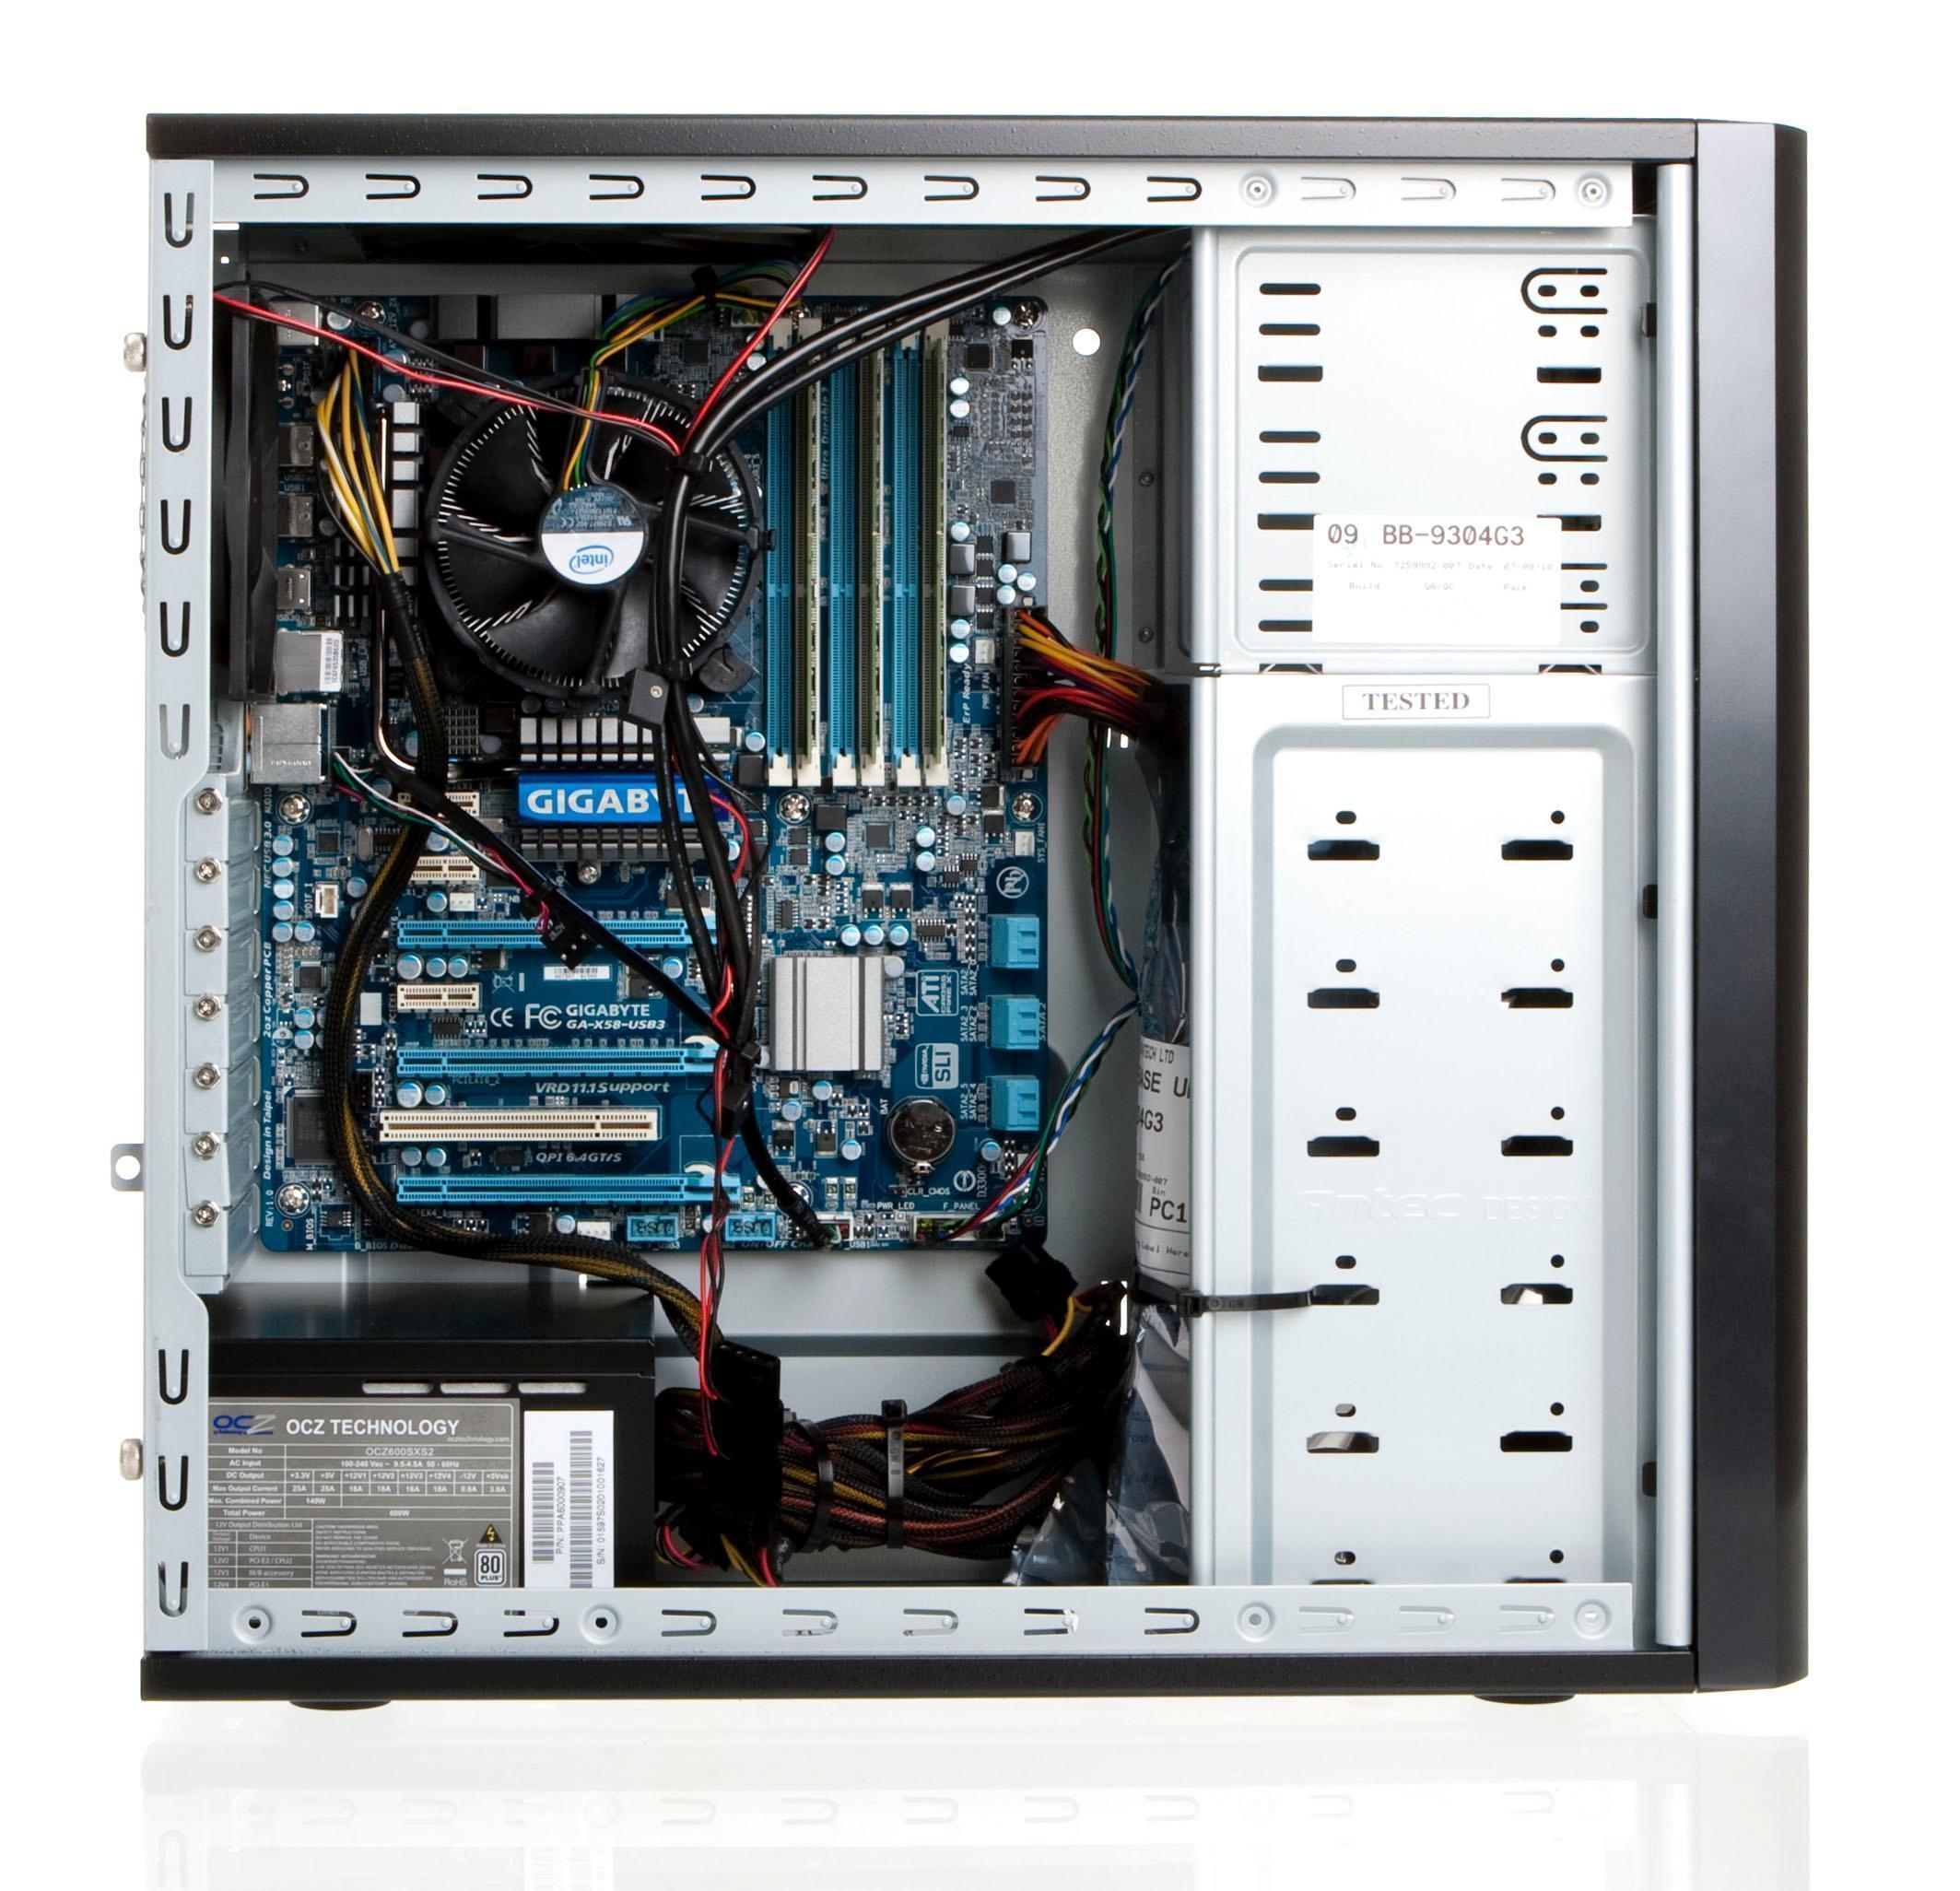 http://images.novatech.co.uk/ev-bb-9504g32.jpg